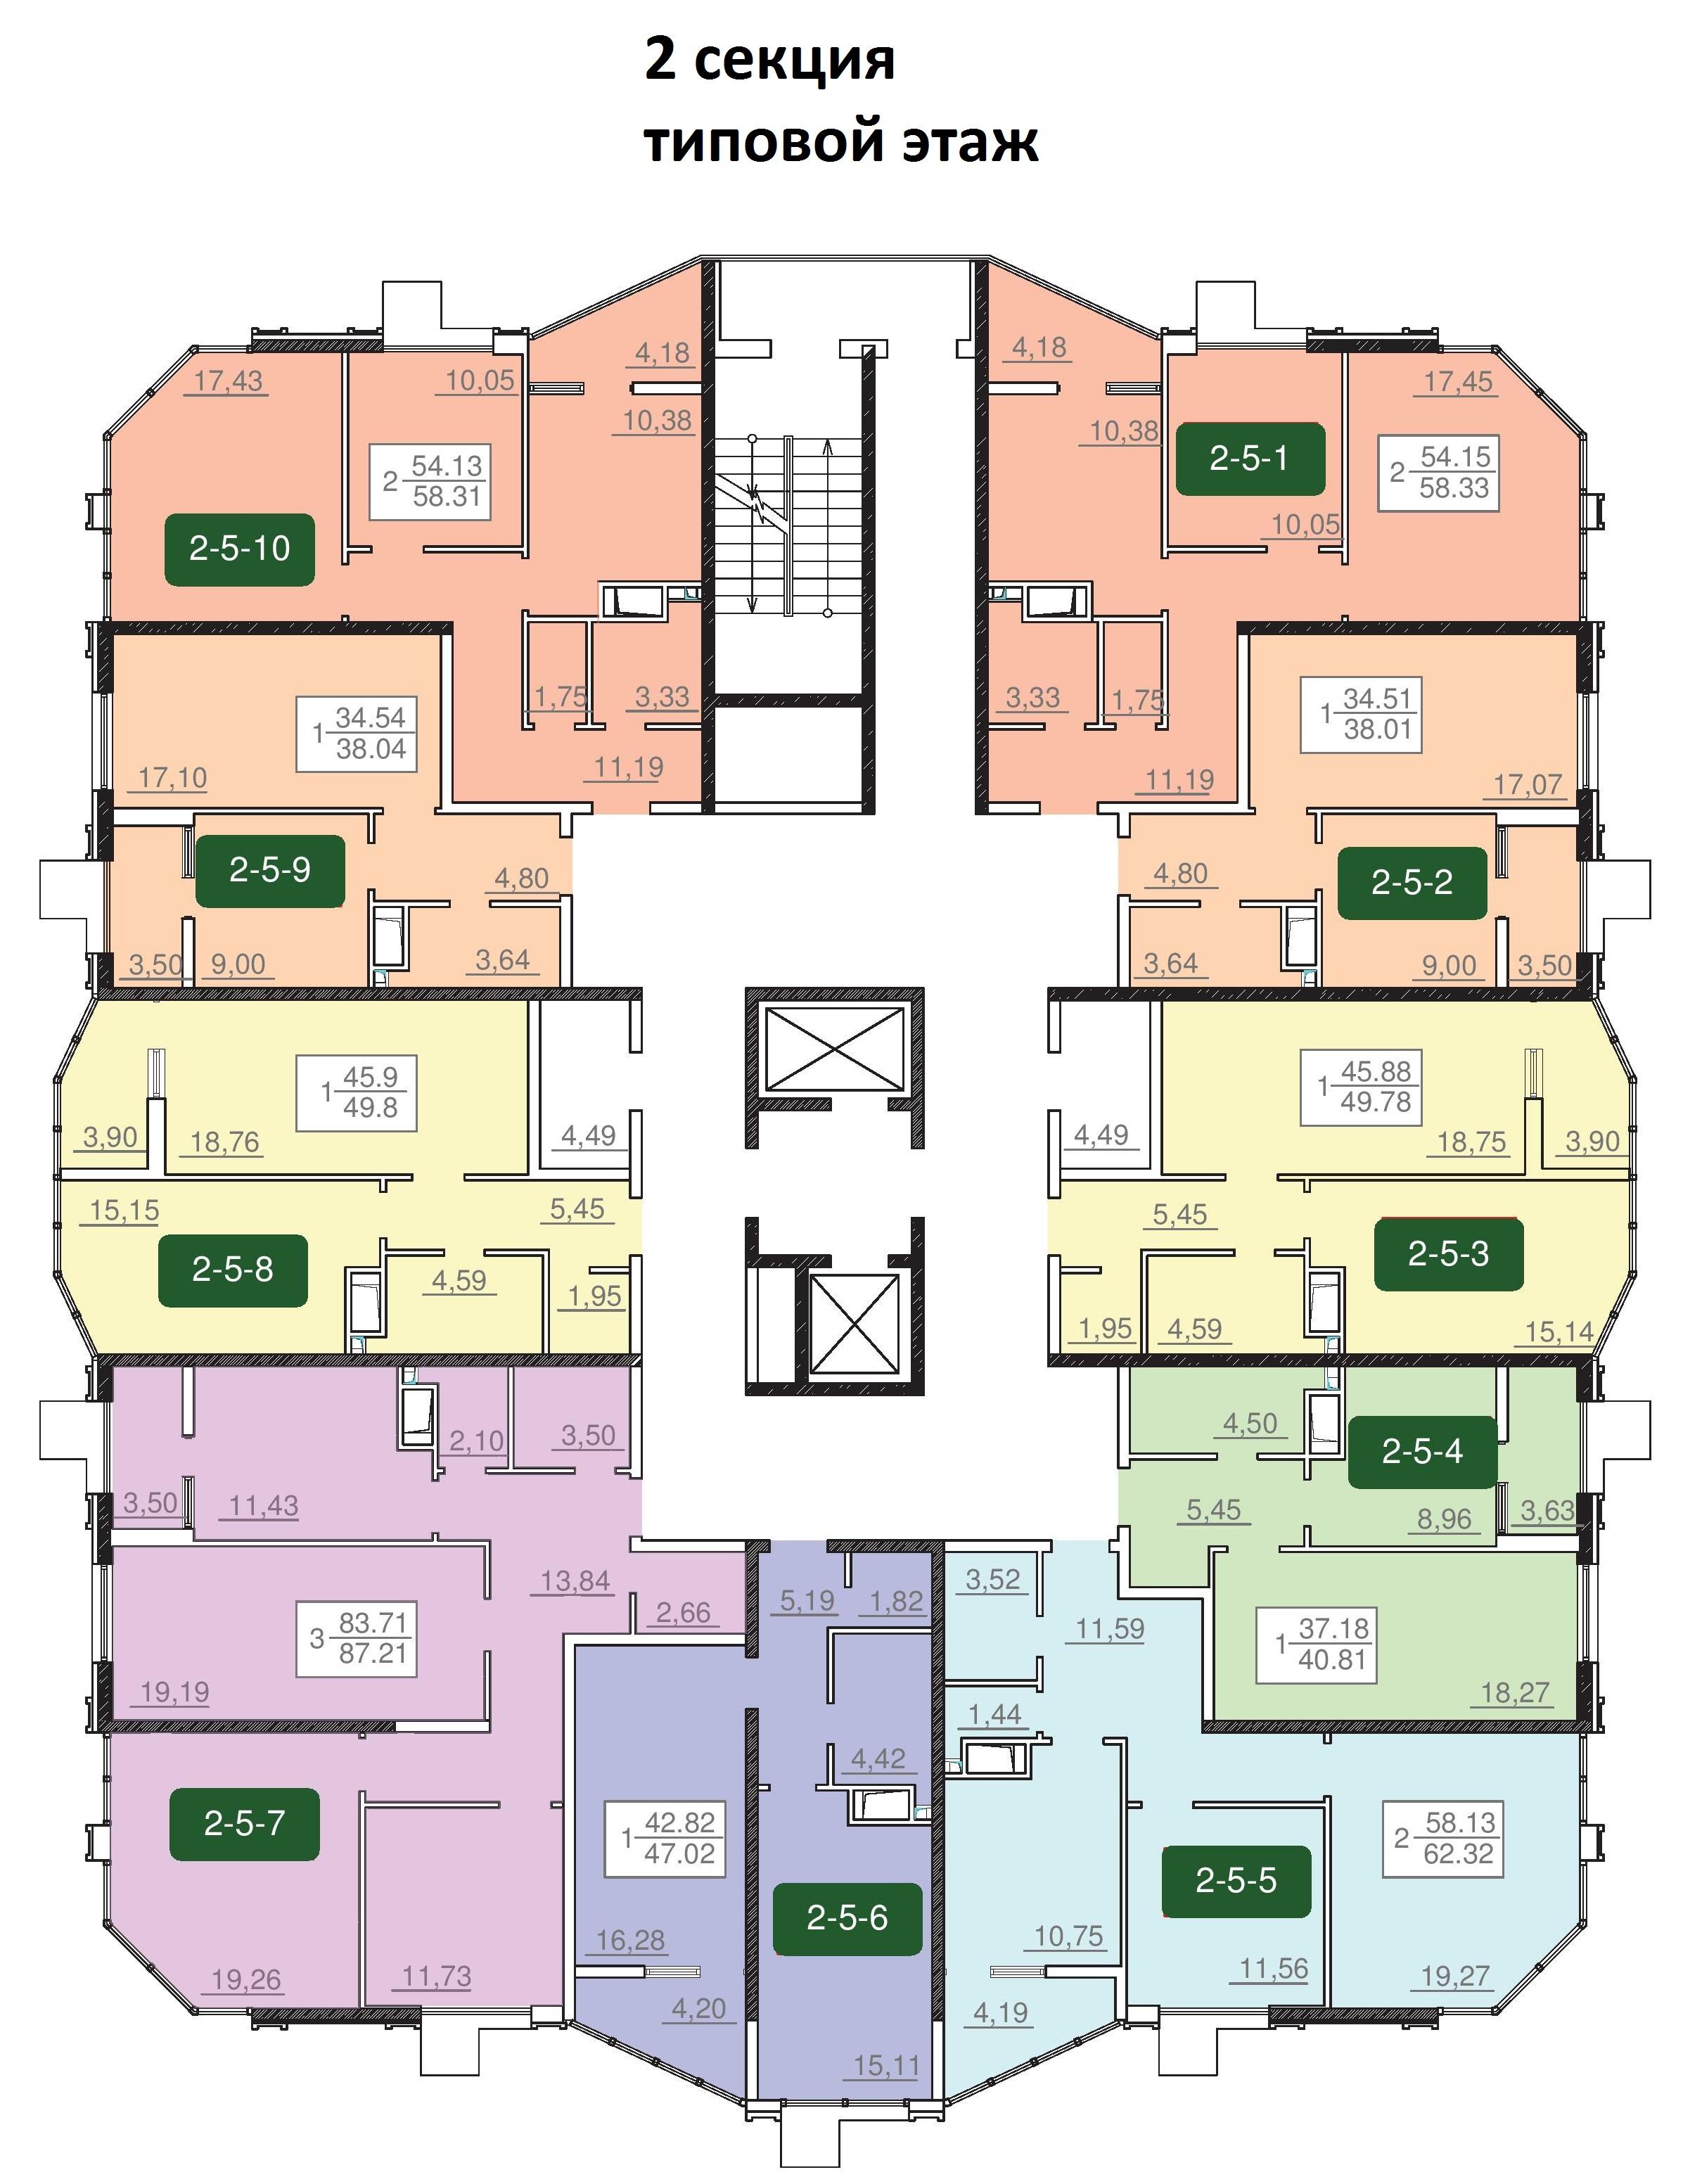 25-я жемчужина планировка этажа 2-12